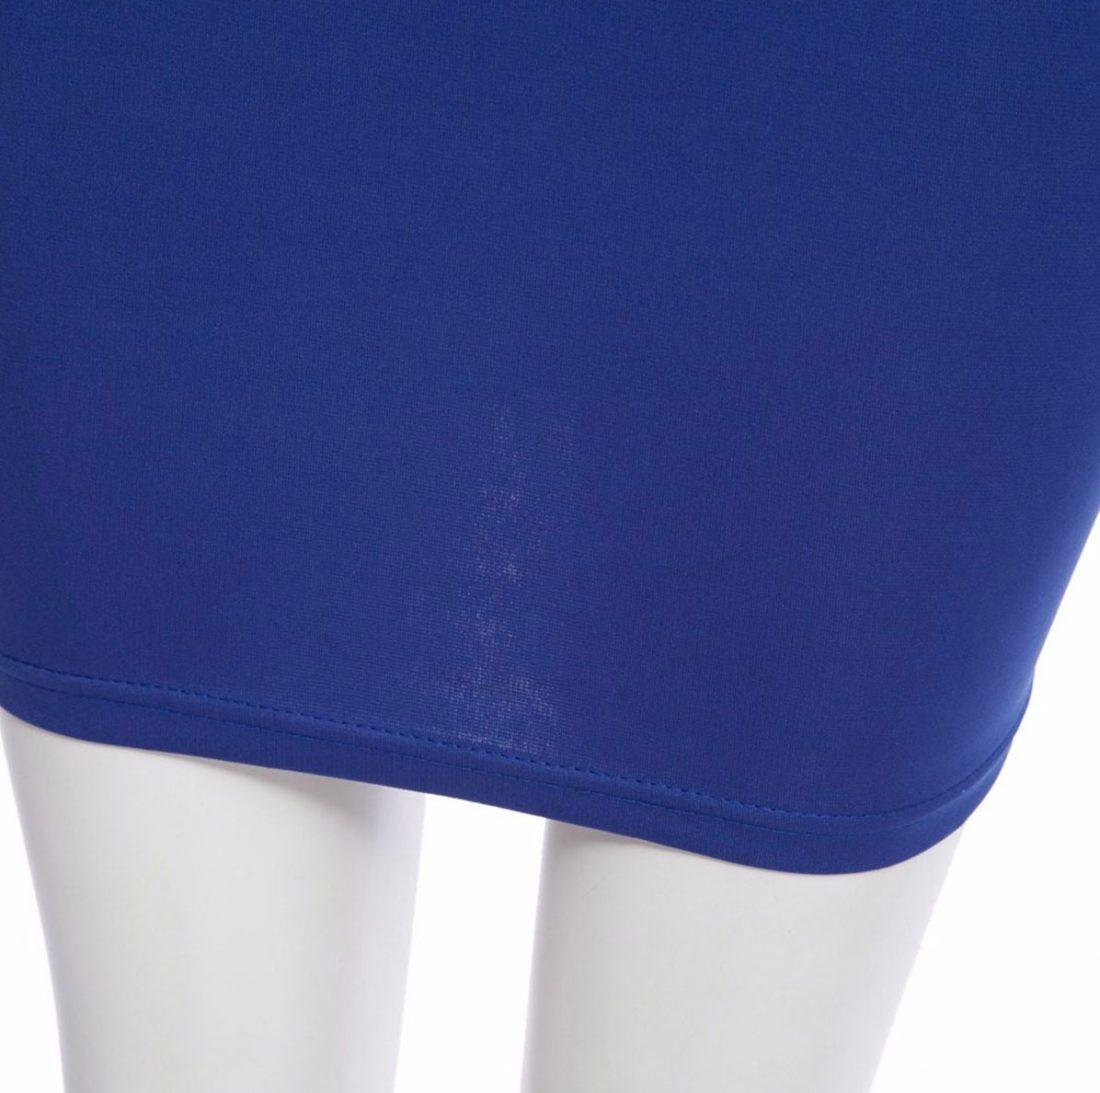 M0176 blue4 Party Dresses maureens.com boutique